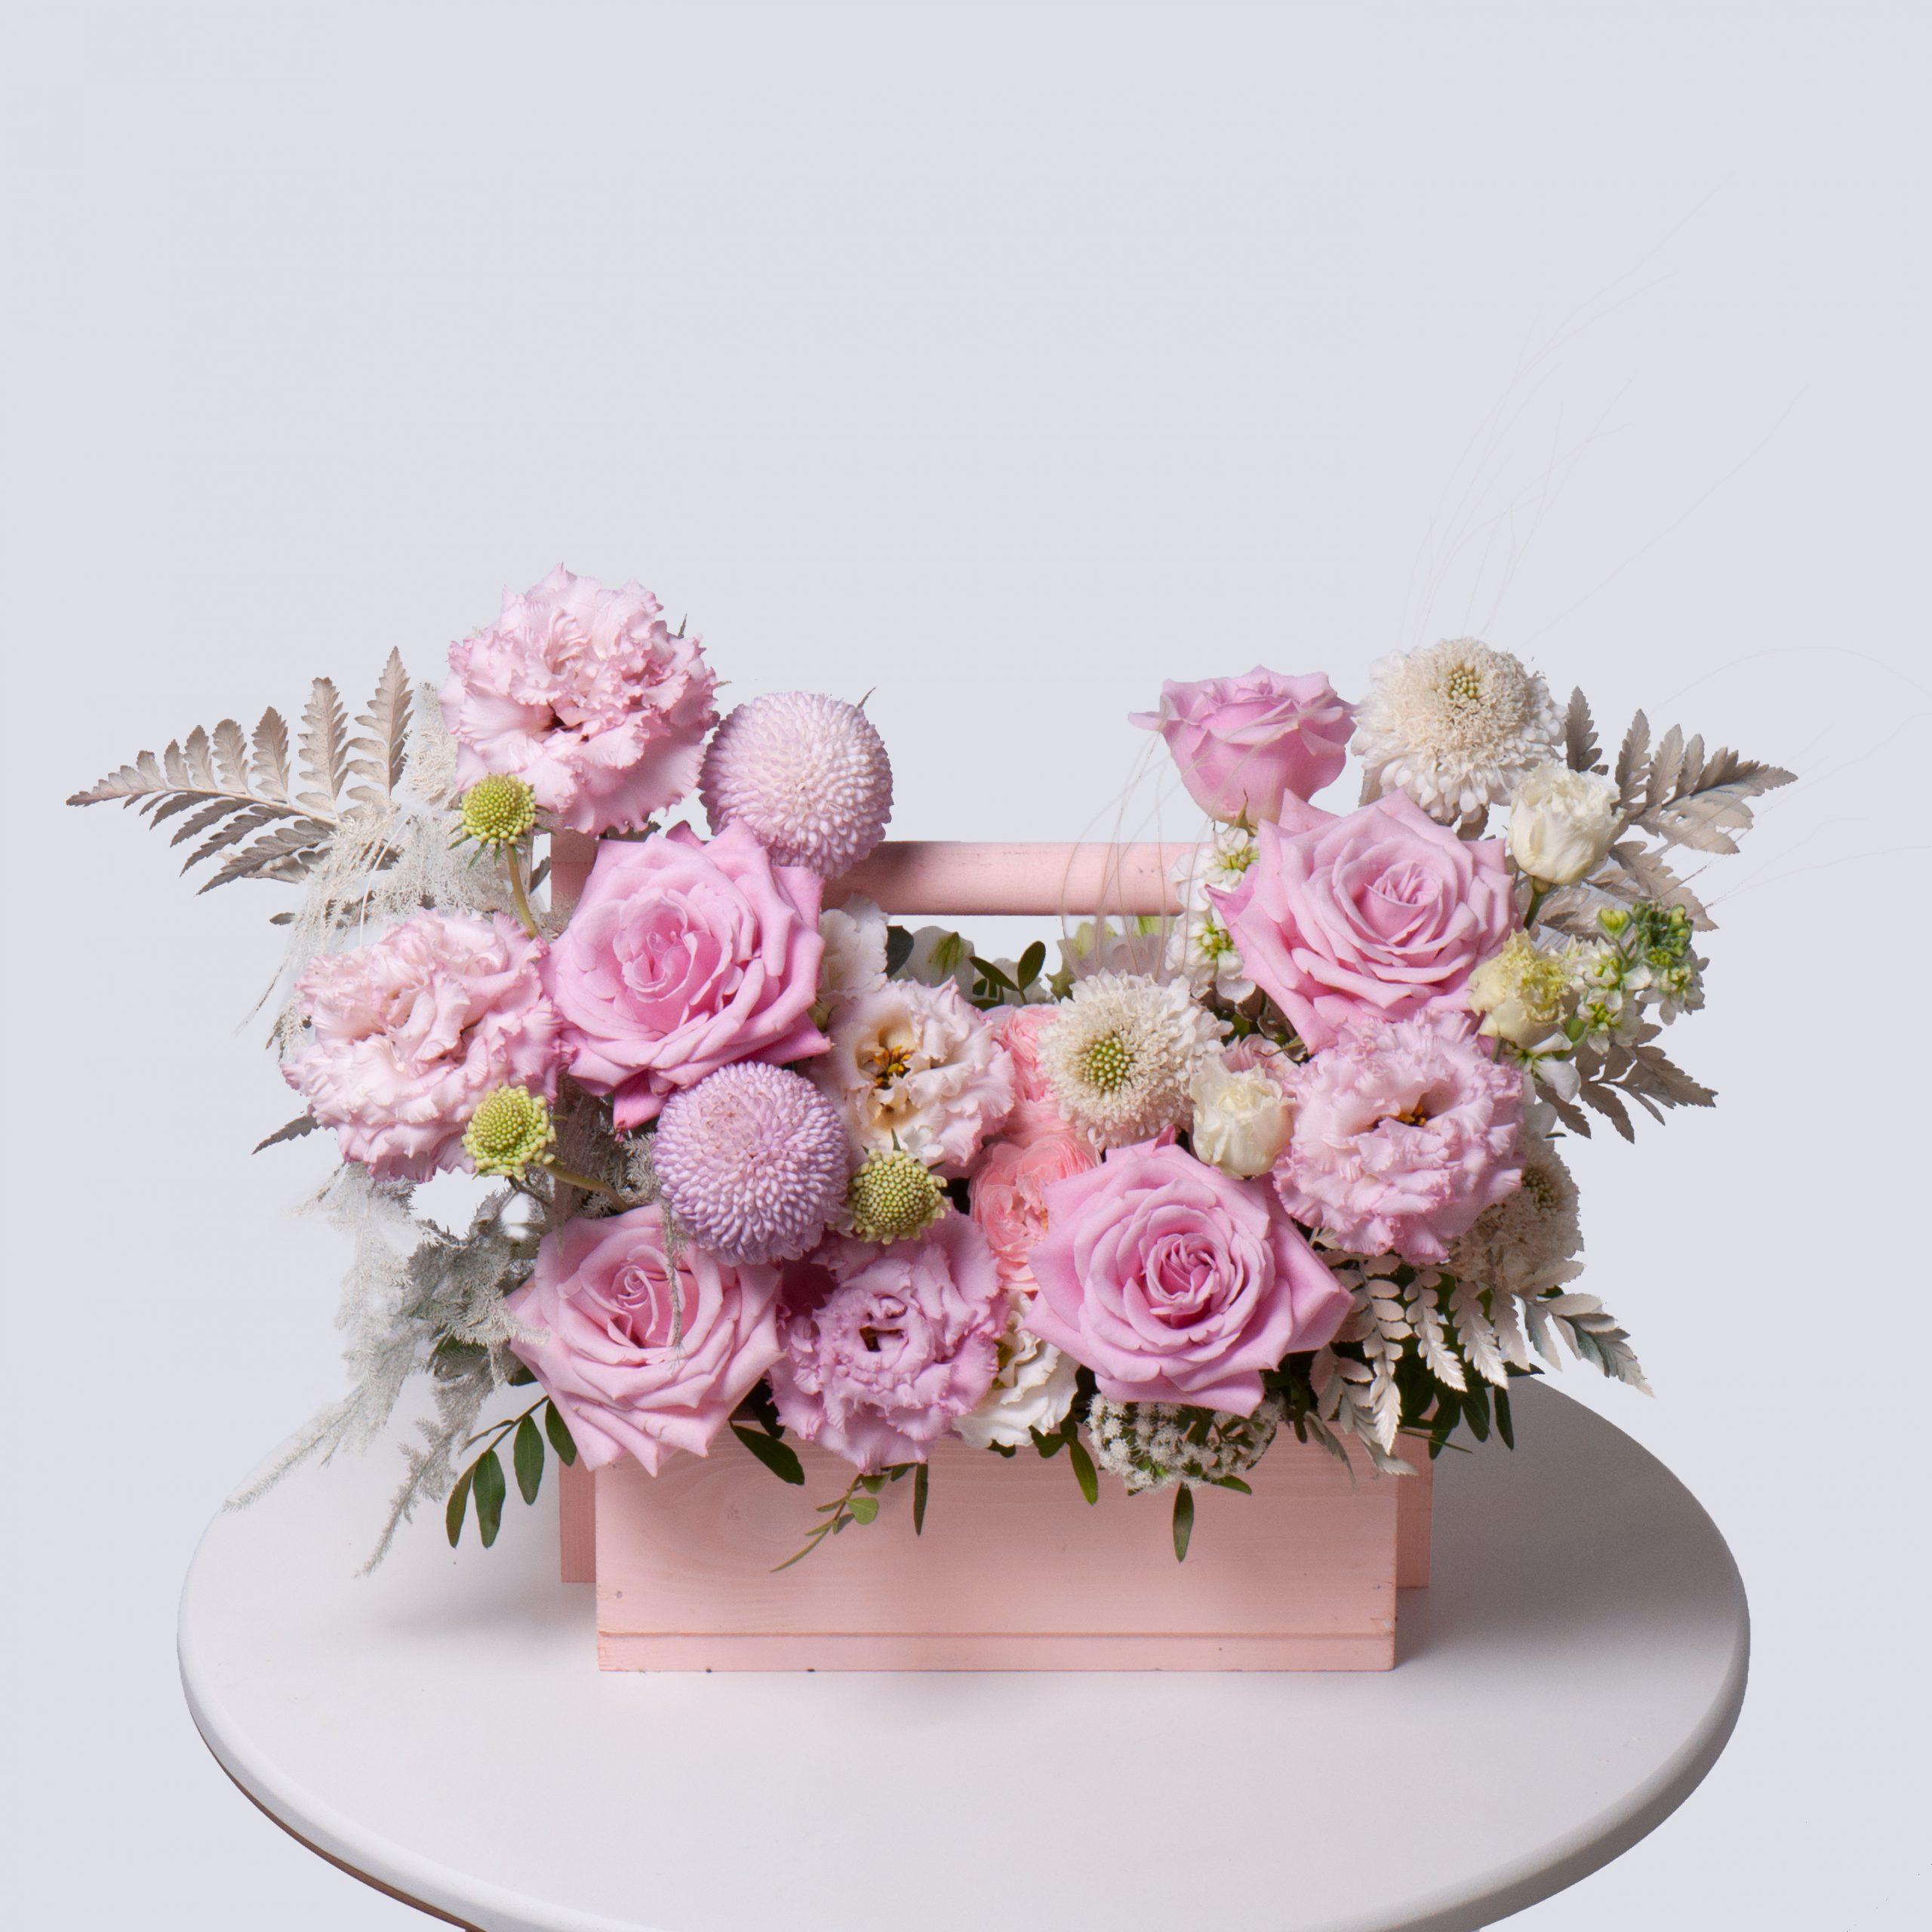 Ящик в розовой гамме №27 - купить цветы в Санкт Петербурге